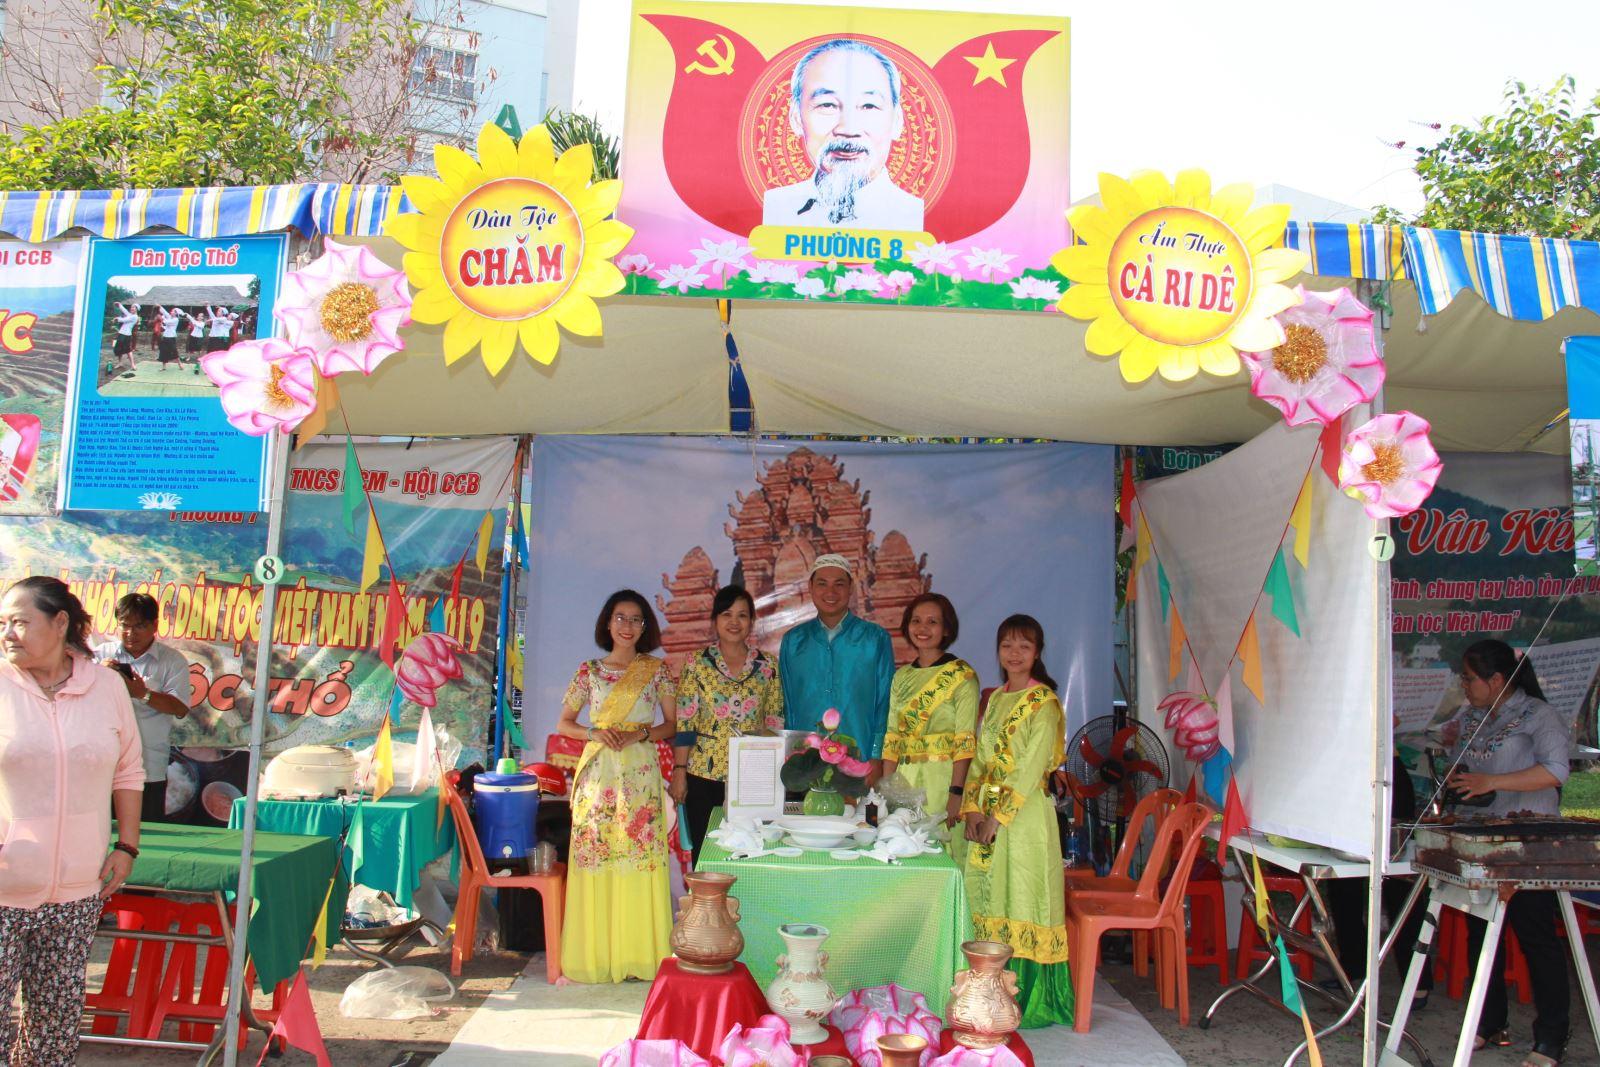 Sôi nổi ngày hội Văn hóa các dân tộc Việt Nam tại quận Tân Bình